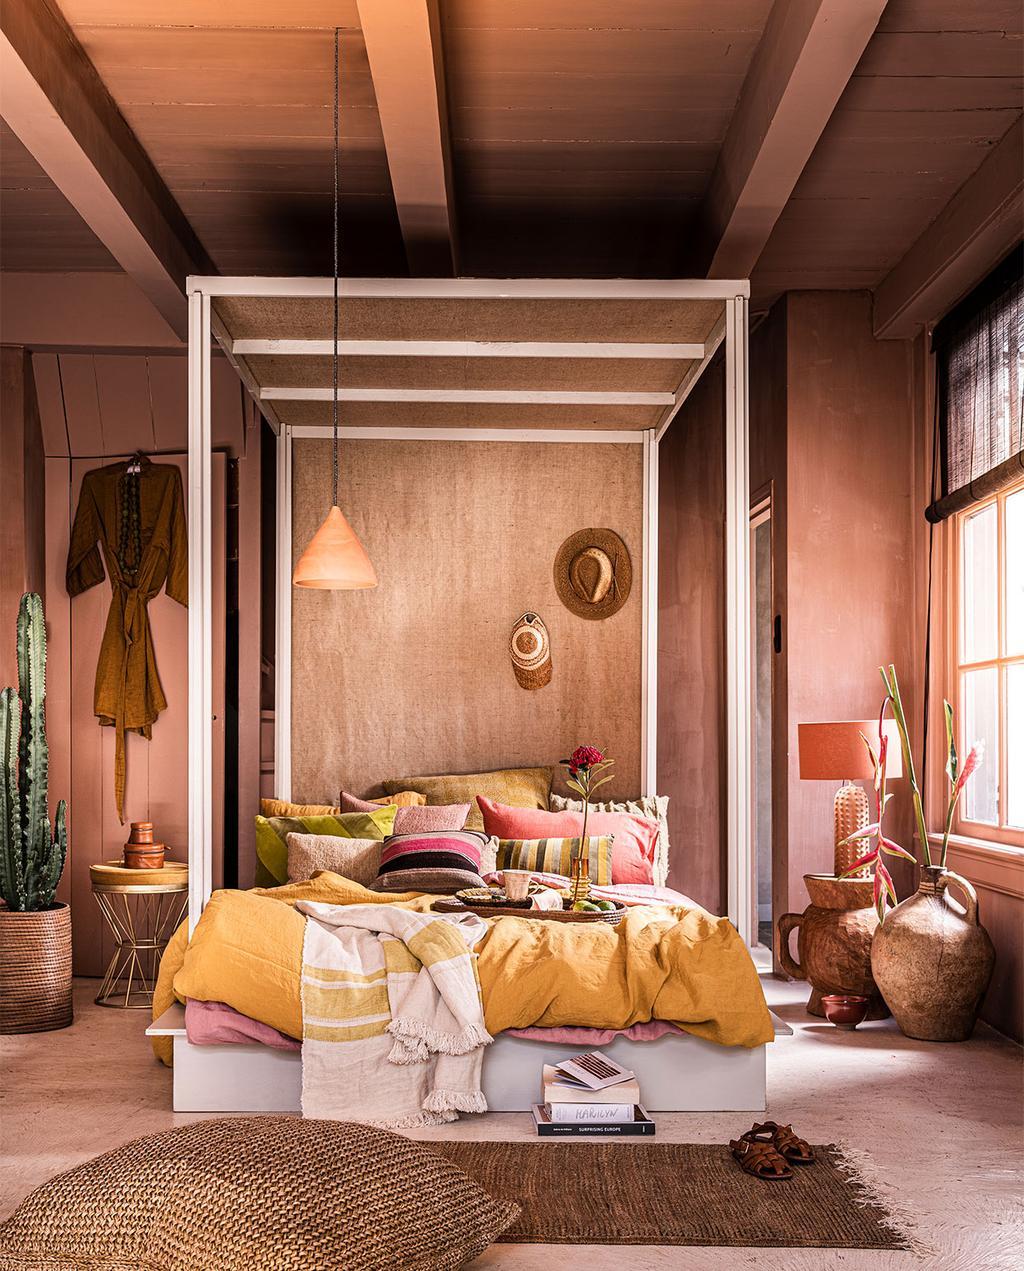 vtwonen 07-2021 | styling van een bed met oranje dekbedovertrek